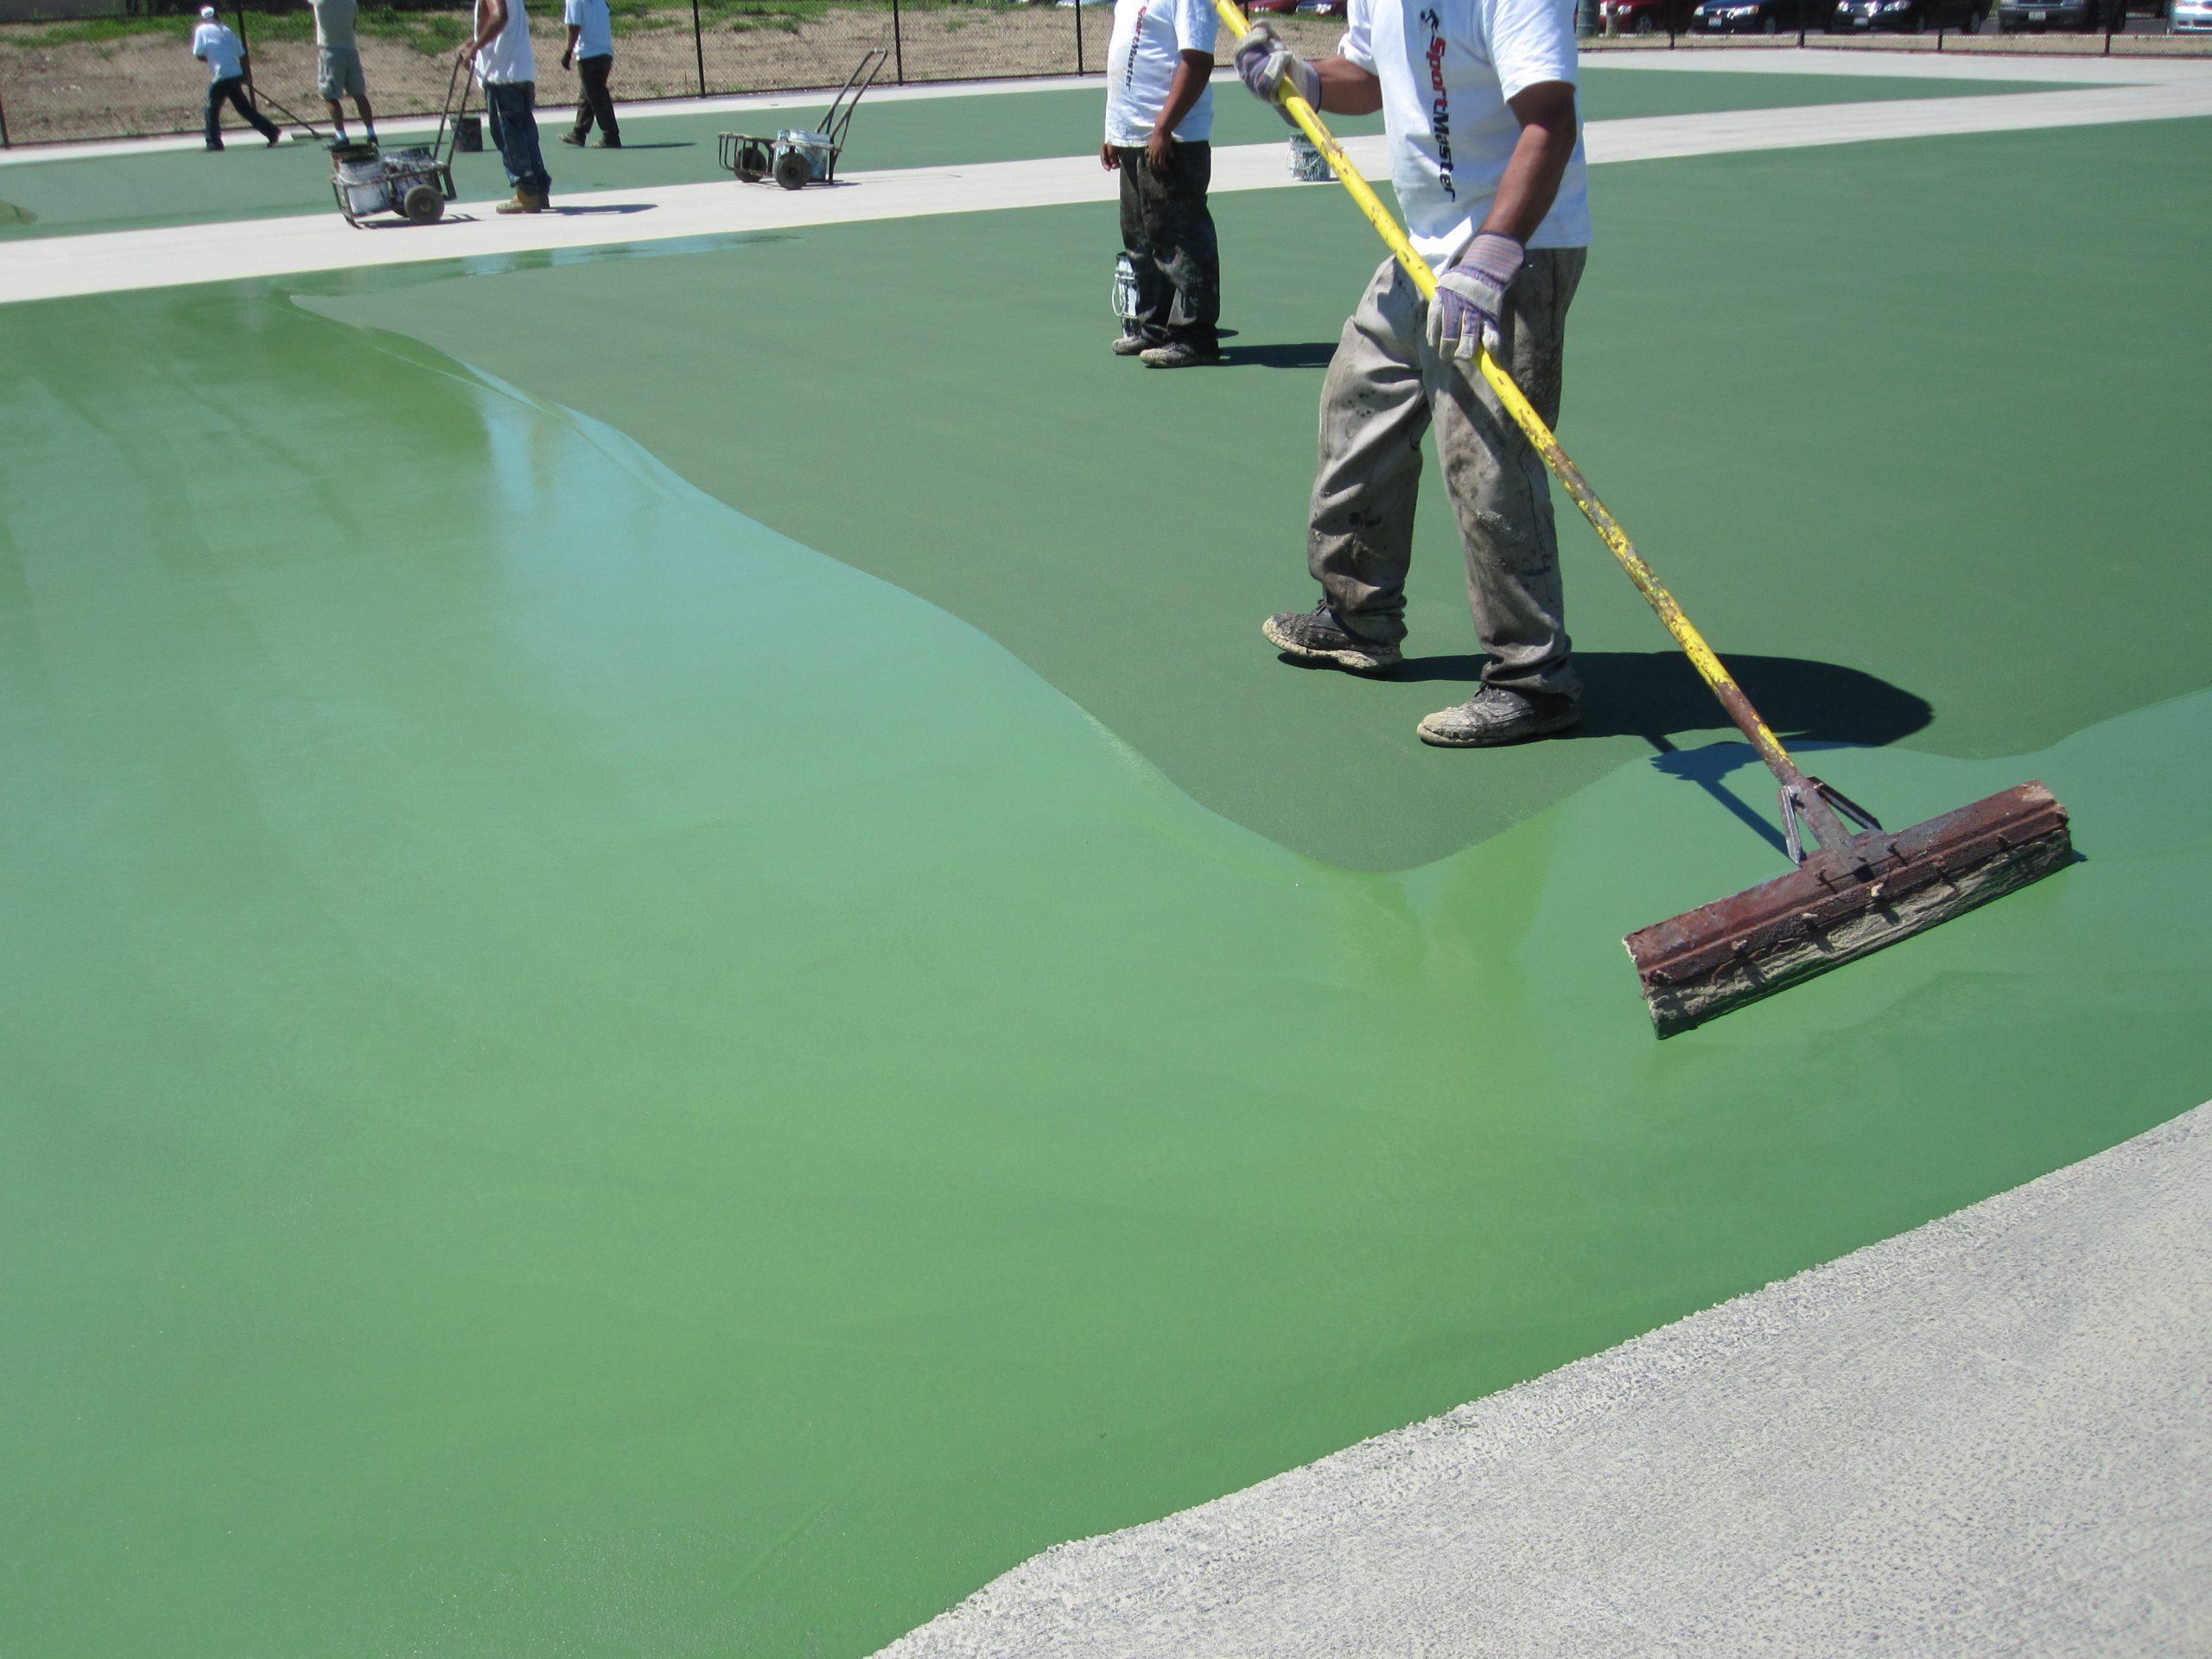 Tennis Court Repairs And Maintenance